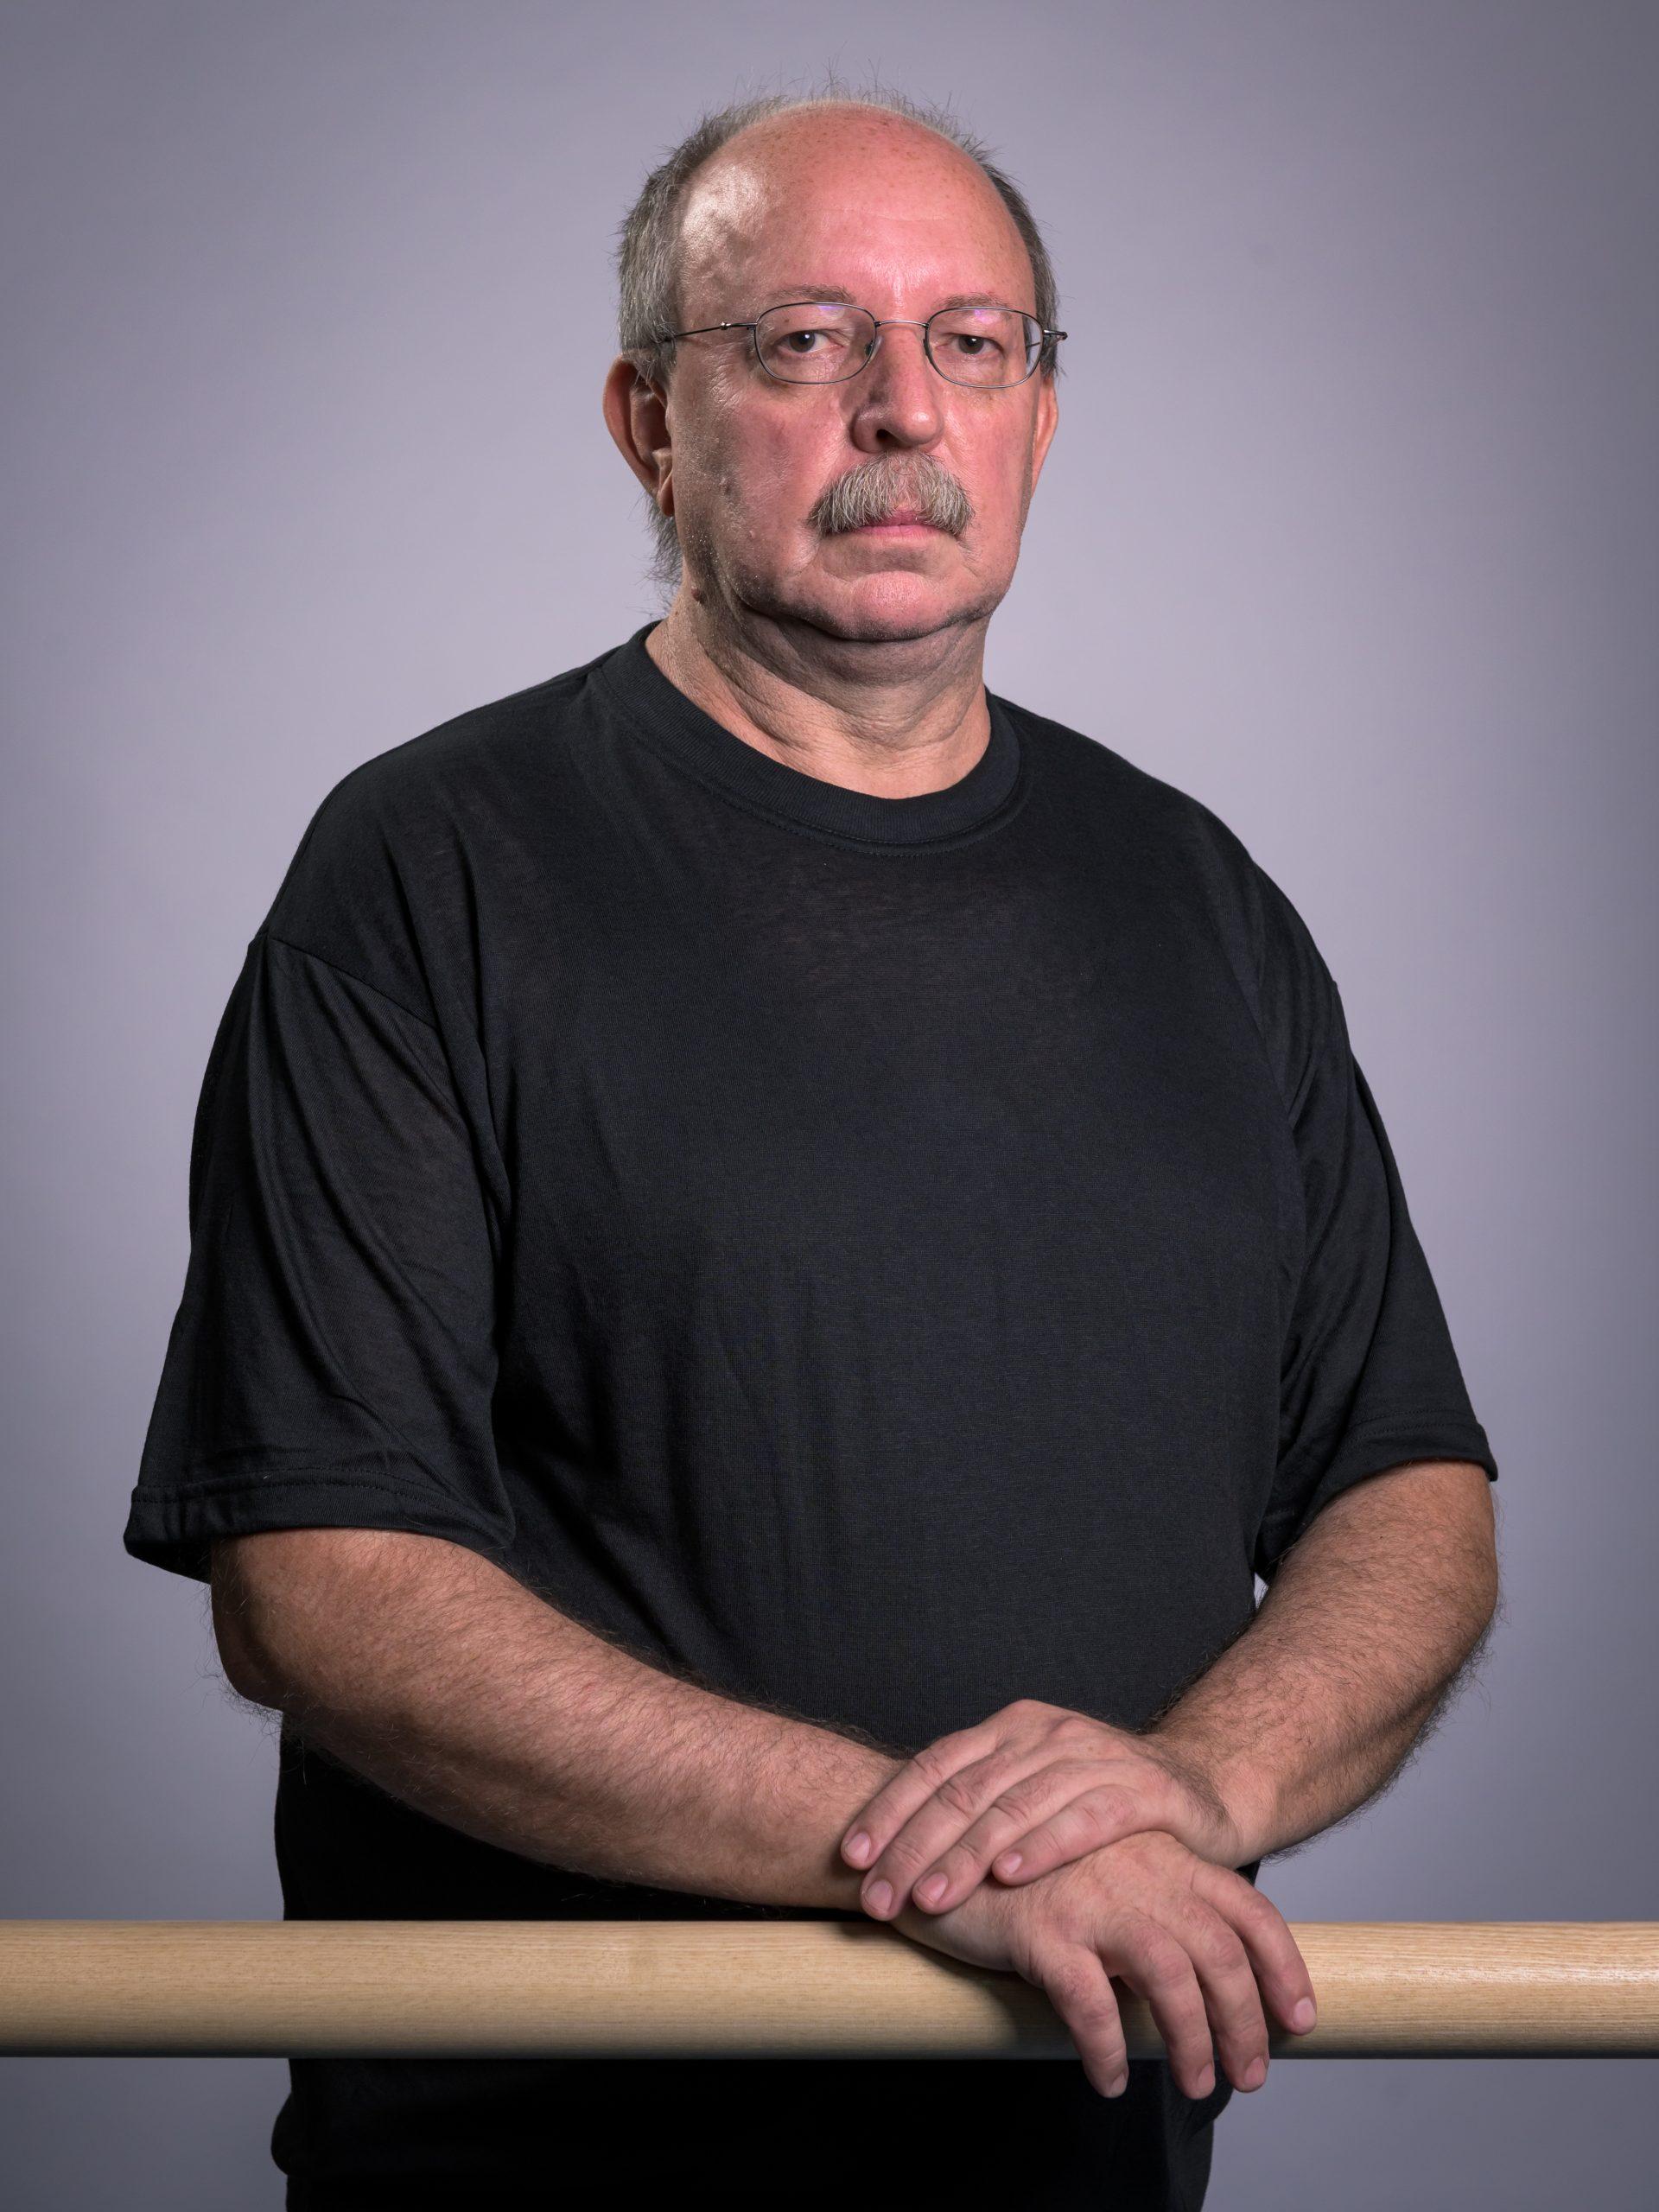 Tomáš Nagel